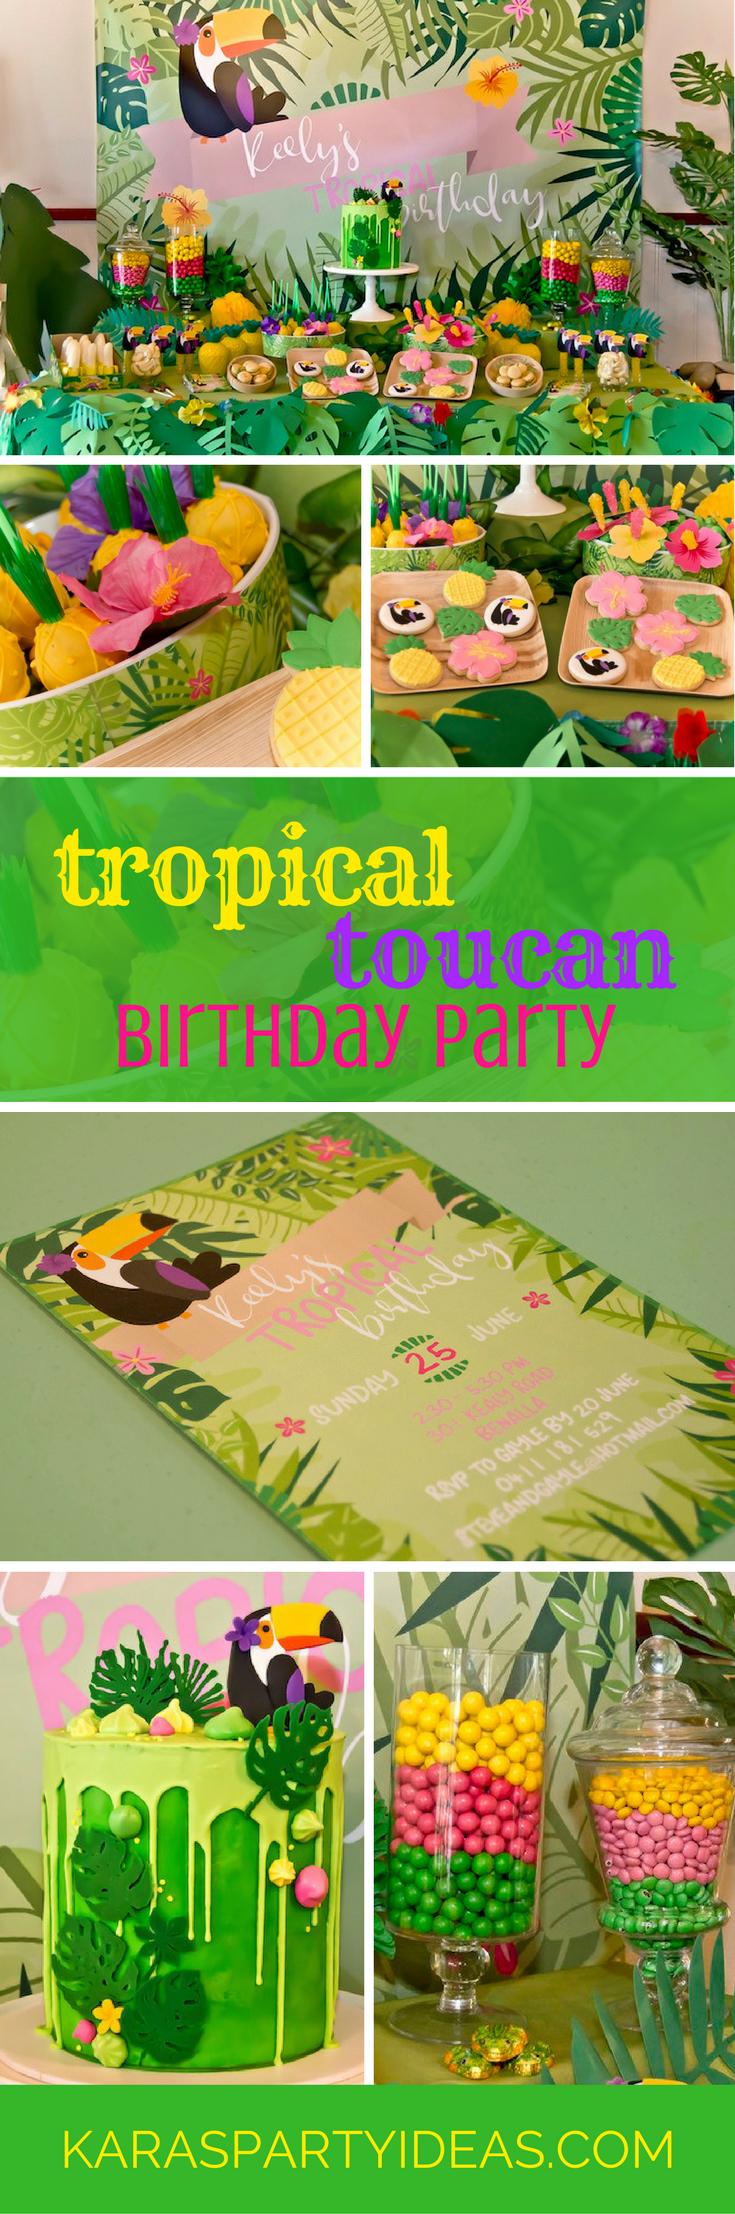 Tea time tea birthday party via kara s party ideas karaspartyideas com - Tropical Toucan Birthday Party Via Kara S Party Ideas Karaspartyideas Com